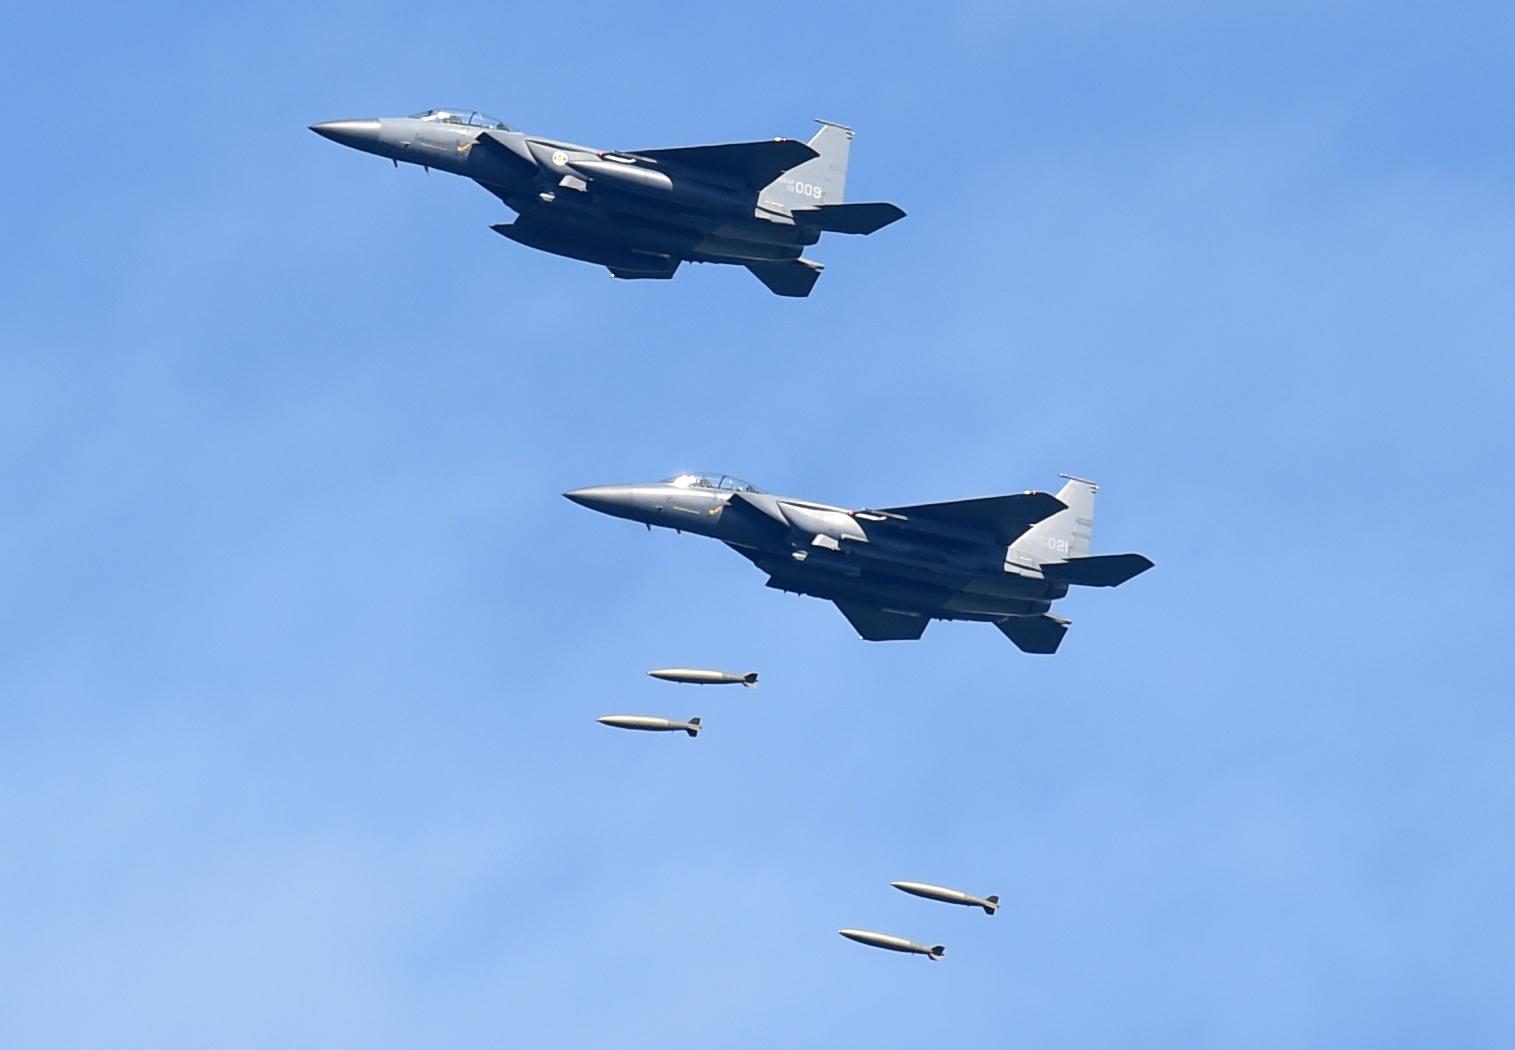 공군 F-15K 전투기들이29일 오전 강원도 필승사격장에서 실시된 공격 편대군 실무장 폭격 훈련에서 무게 1톤의 MK-84 폭탄을가상의 북한 지휘부 지점에 투하하고 있다. [사진 공군]